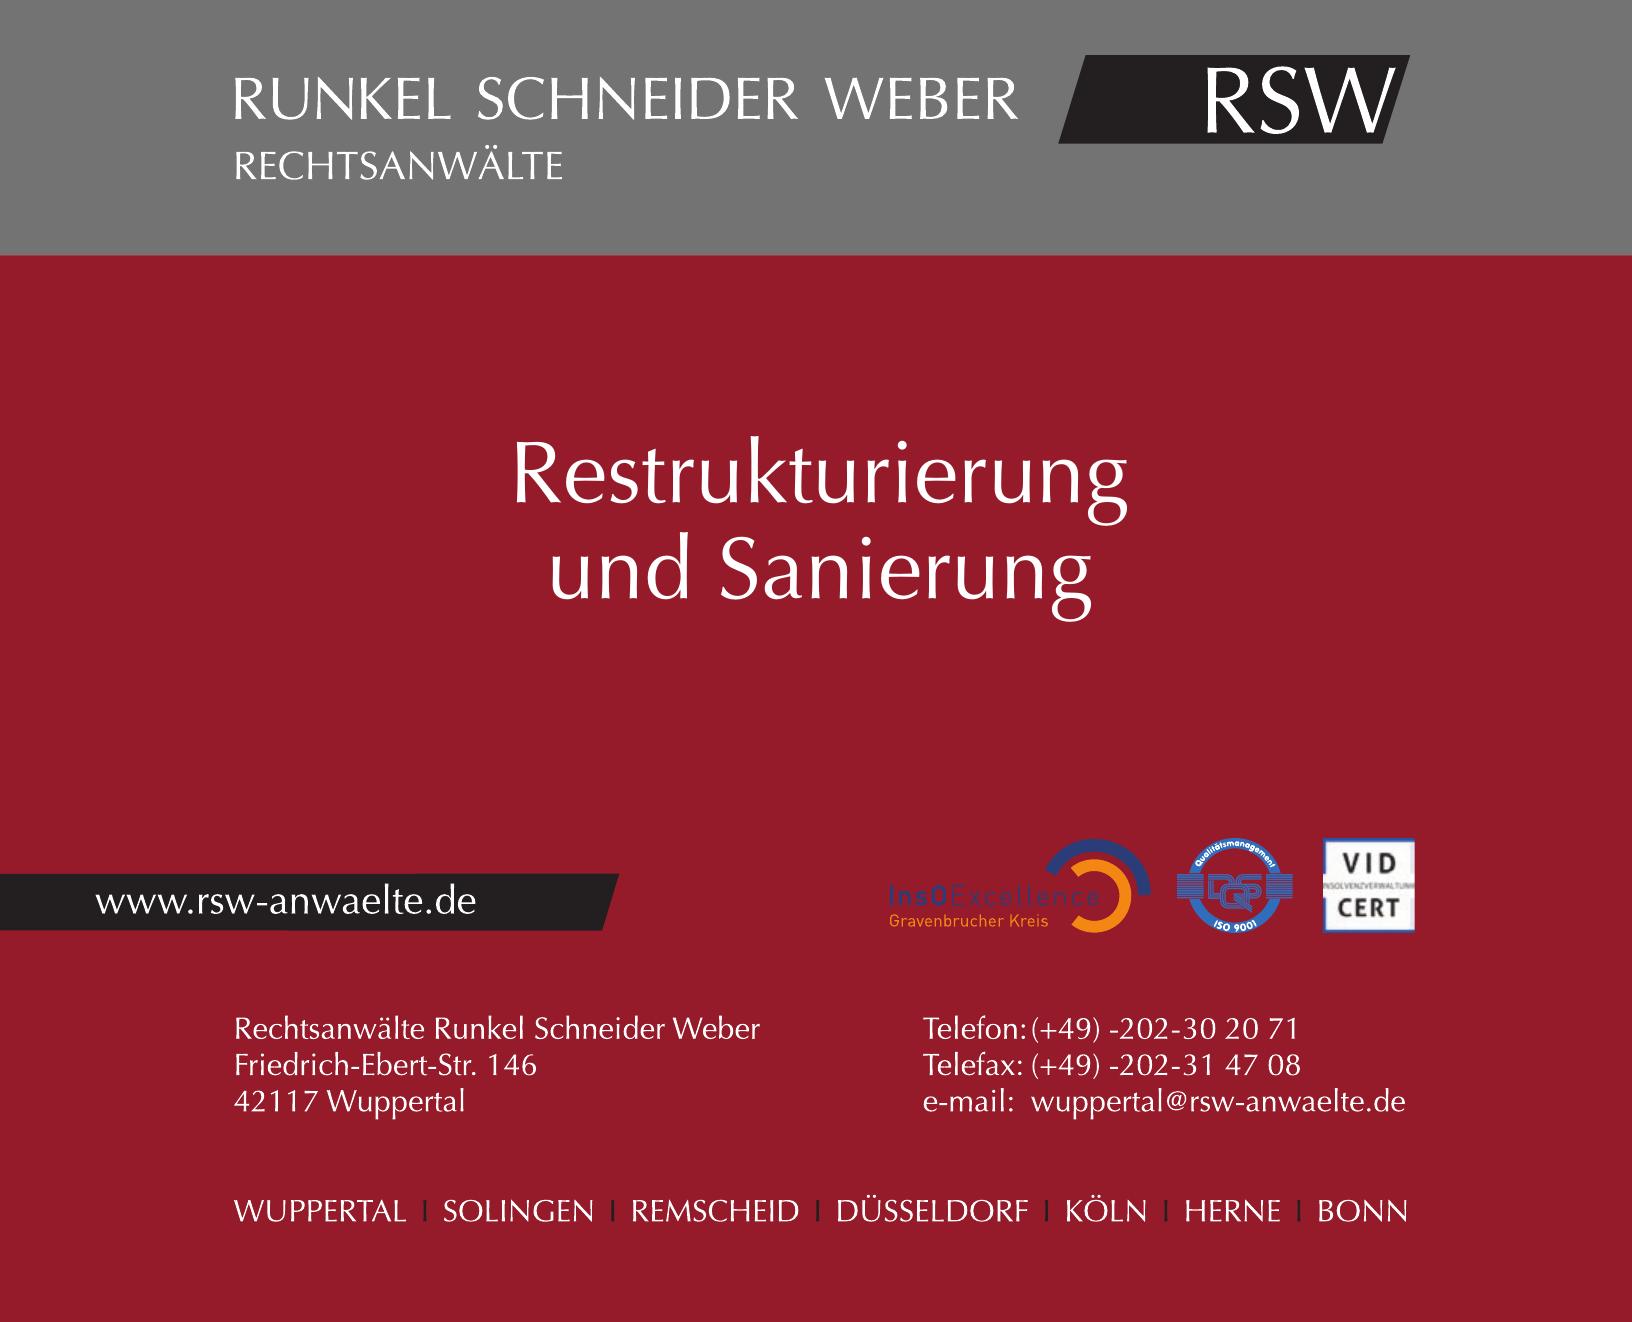 Rechtsanwälte Runkel Schneider Weber